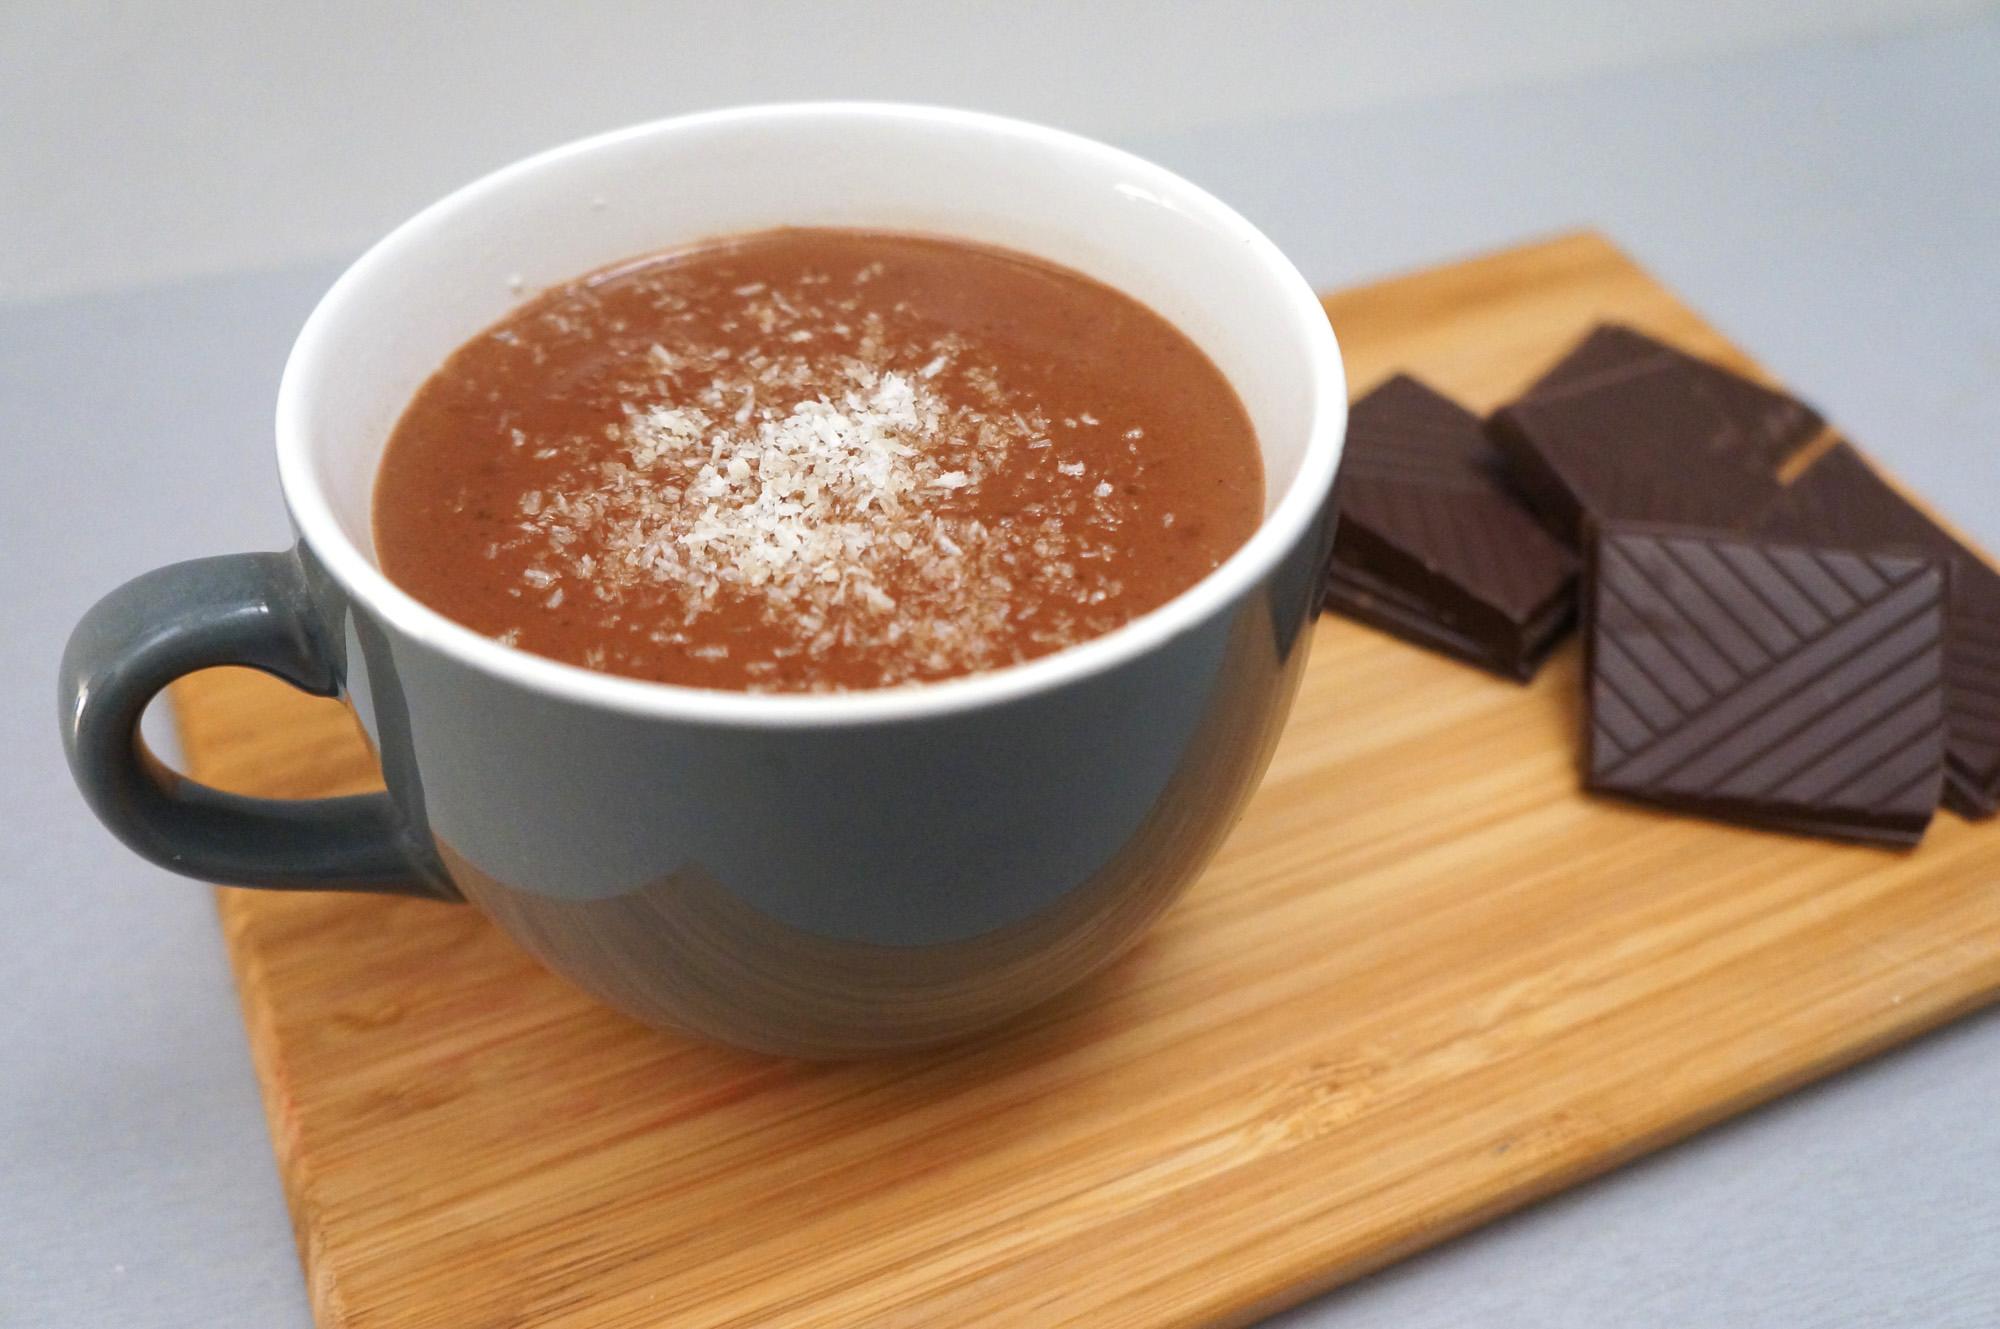 Boire du chocolat chaud le matin fait-il grossir ? - Le blog gestinfo.fr